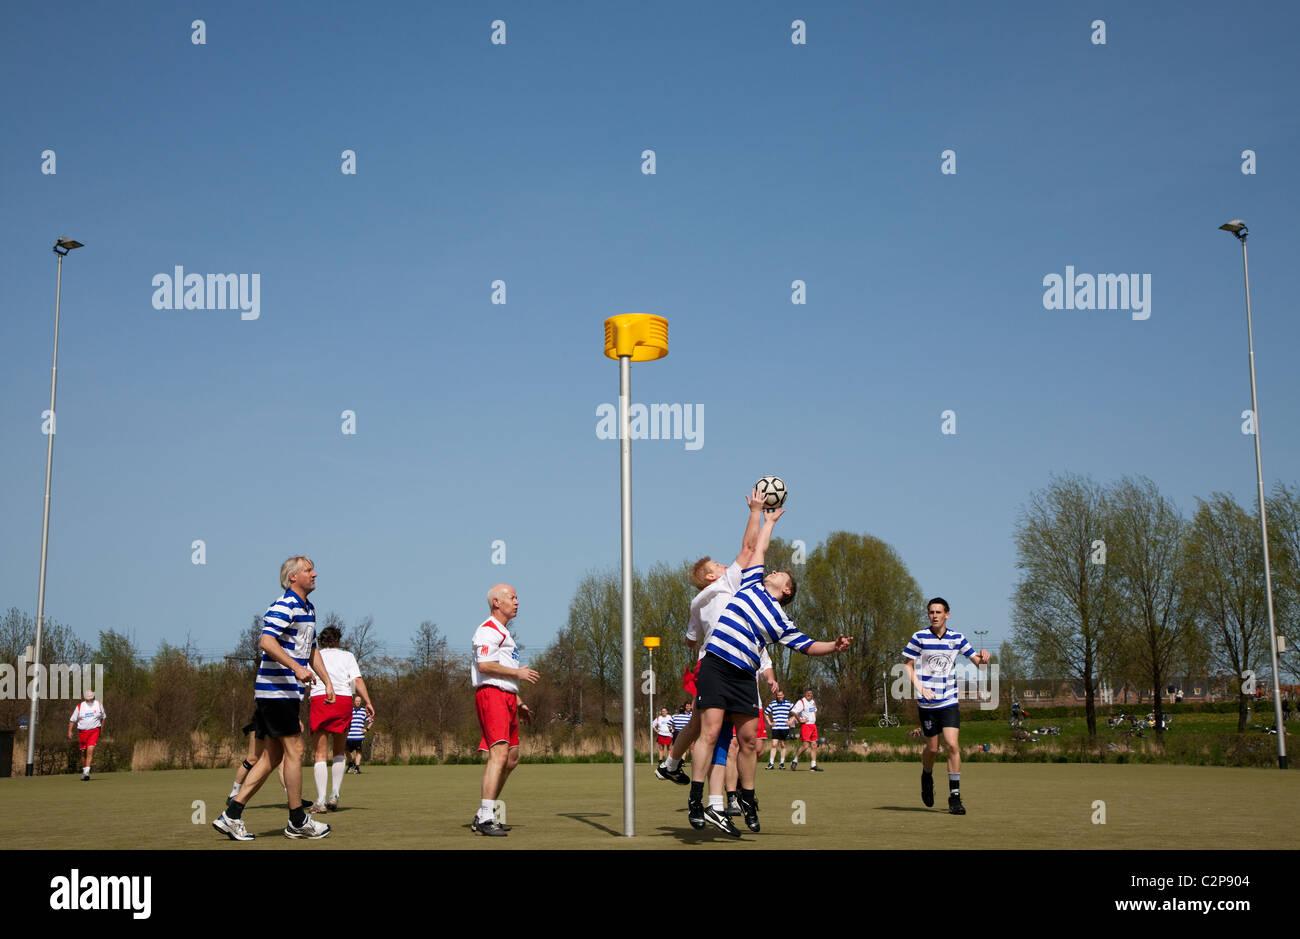 Korfballers op een sportveld bij het Westerpark in Amsterdam Stock Photo